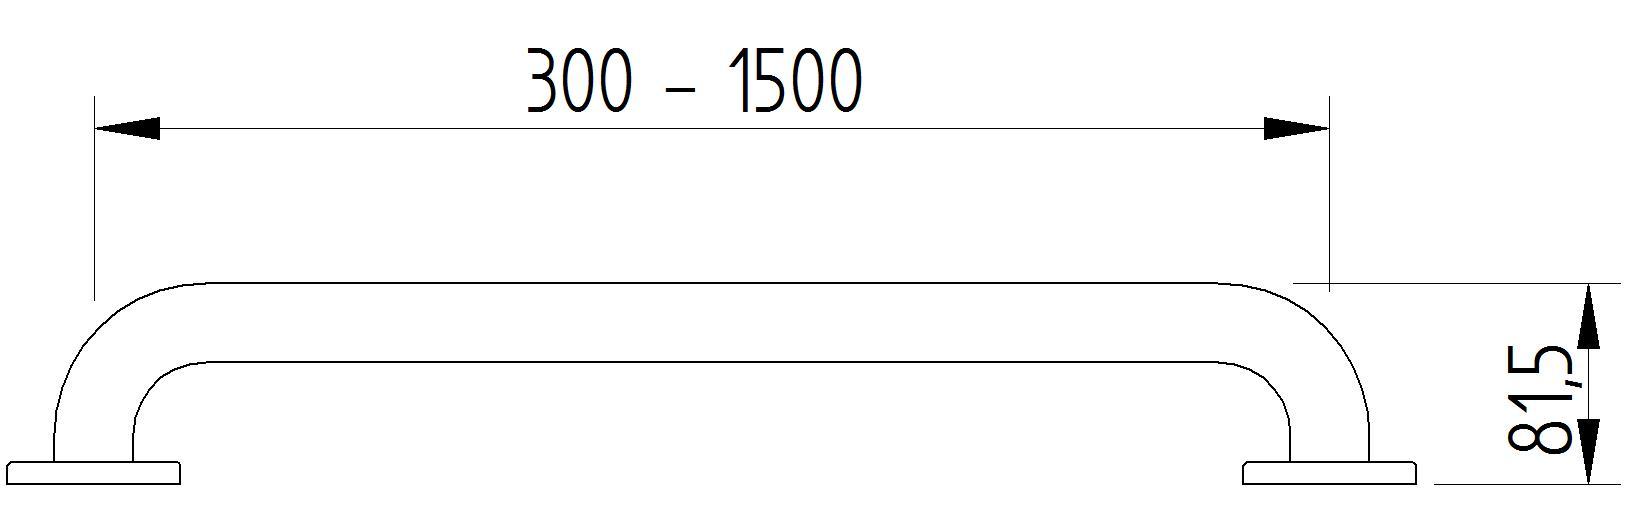 Skizze - Haltegriff - Serie Funktion von Lehnen